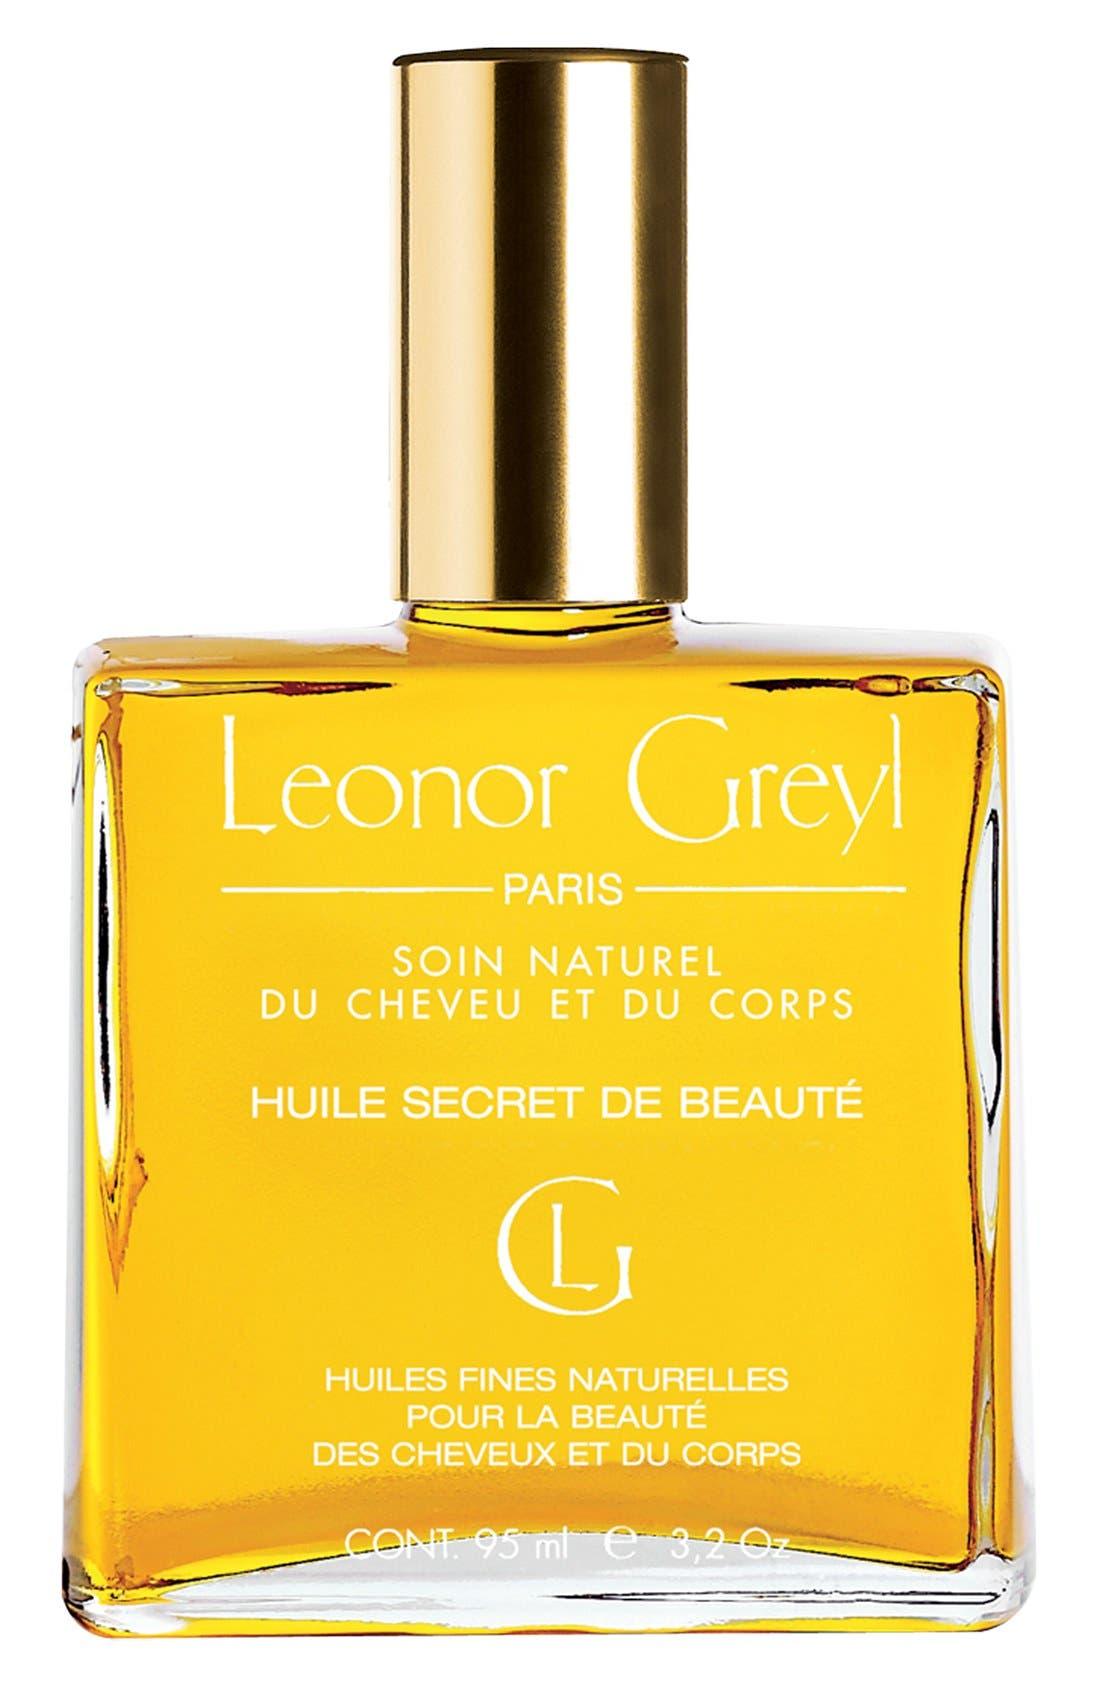 Huile Secret De Beauté A Haute Couture Oil For Hair & Body/3.2 Oz.